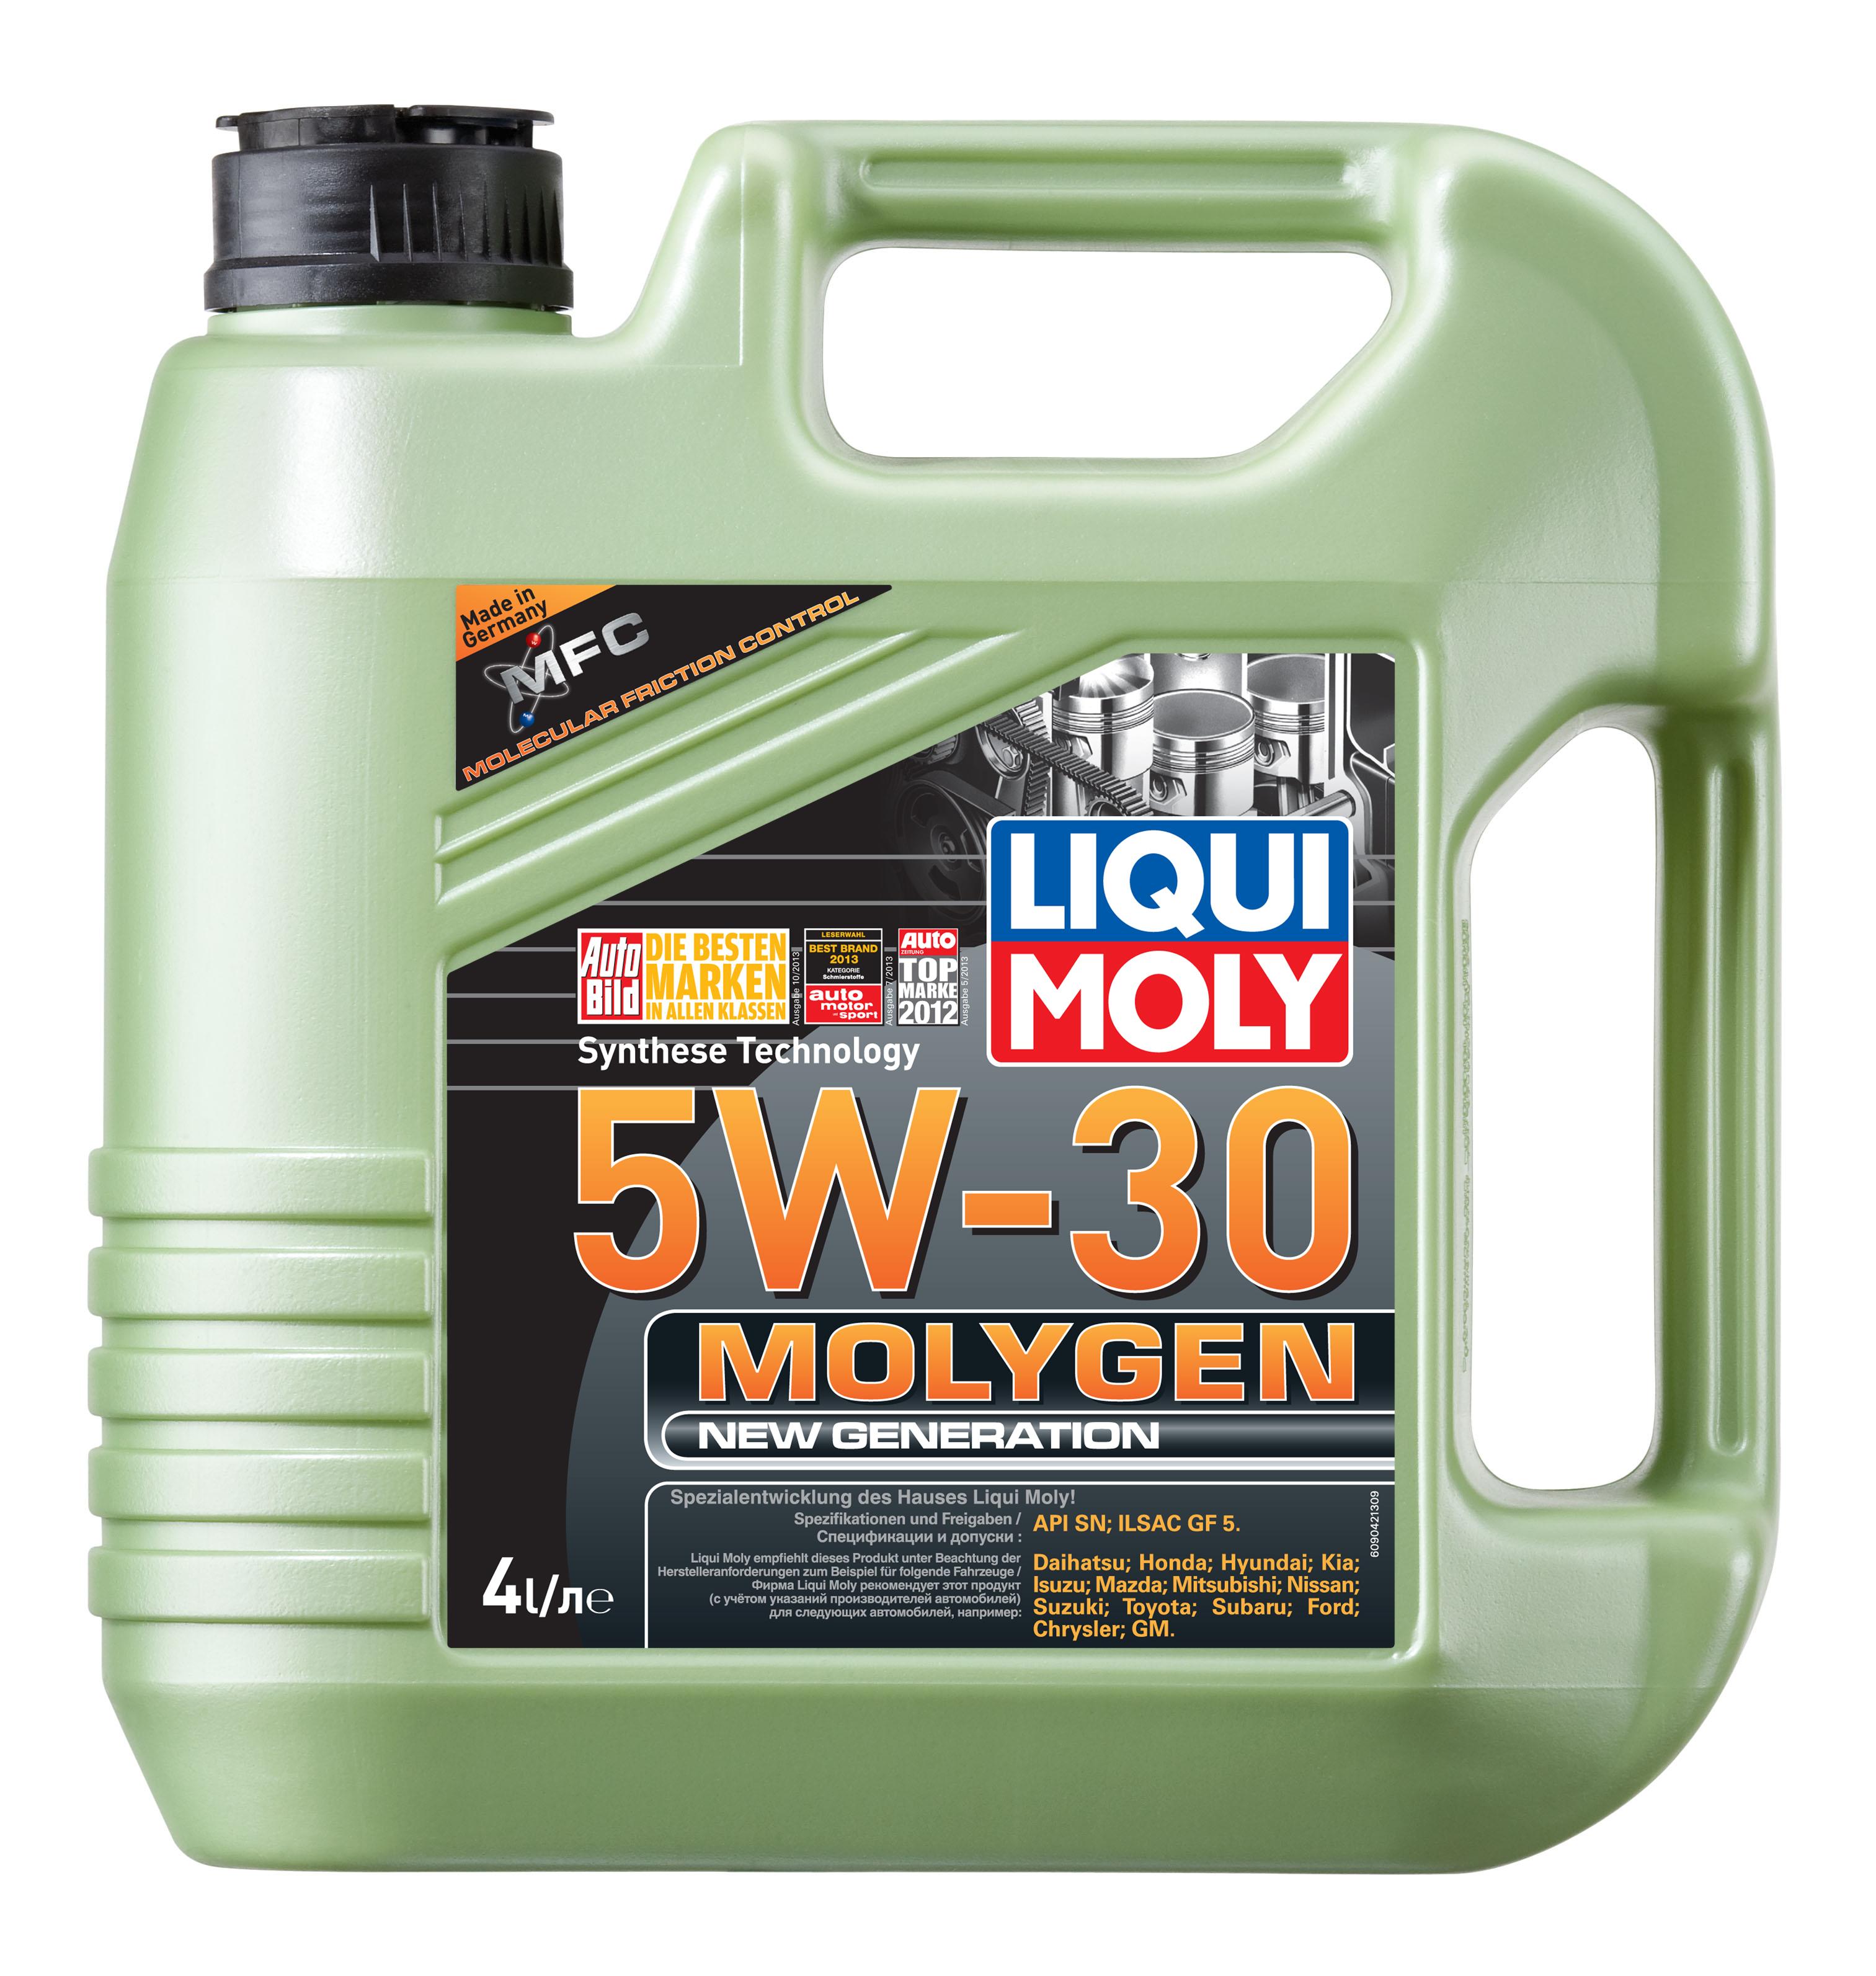 Моторное масло Liqui moly Molygen New Generation 5W-30 4л фото